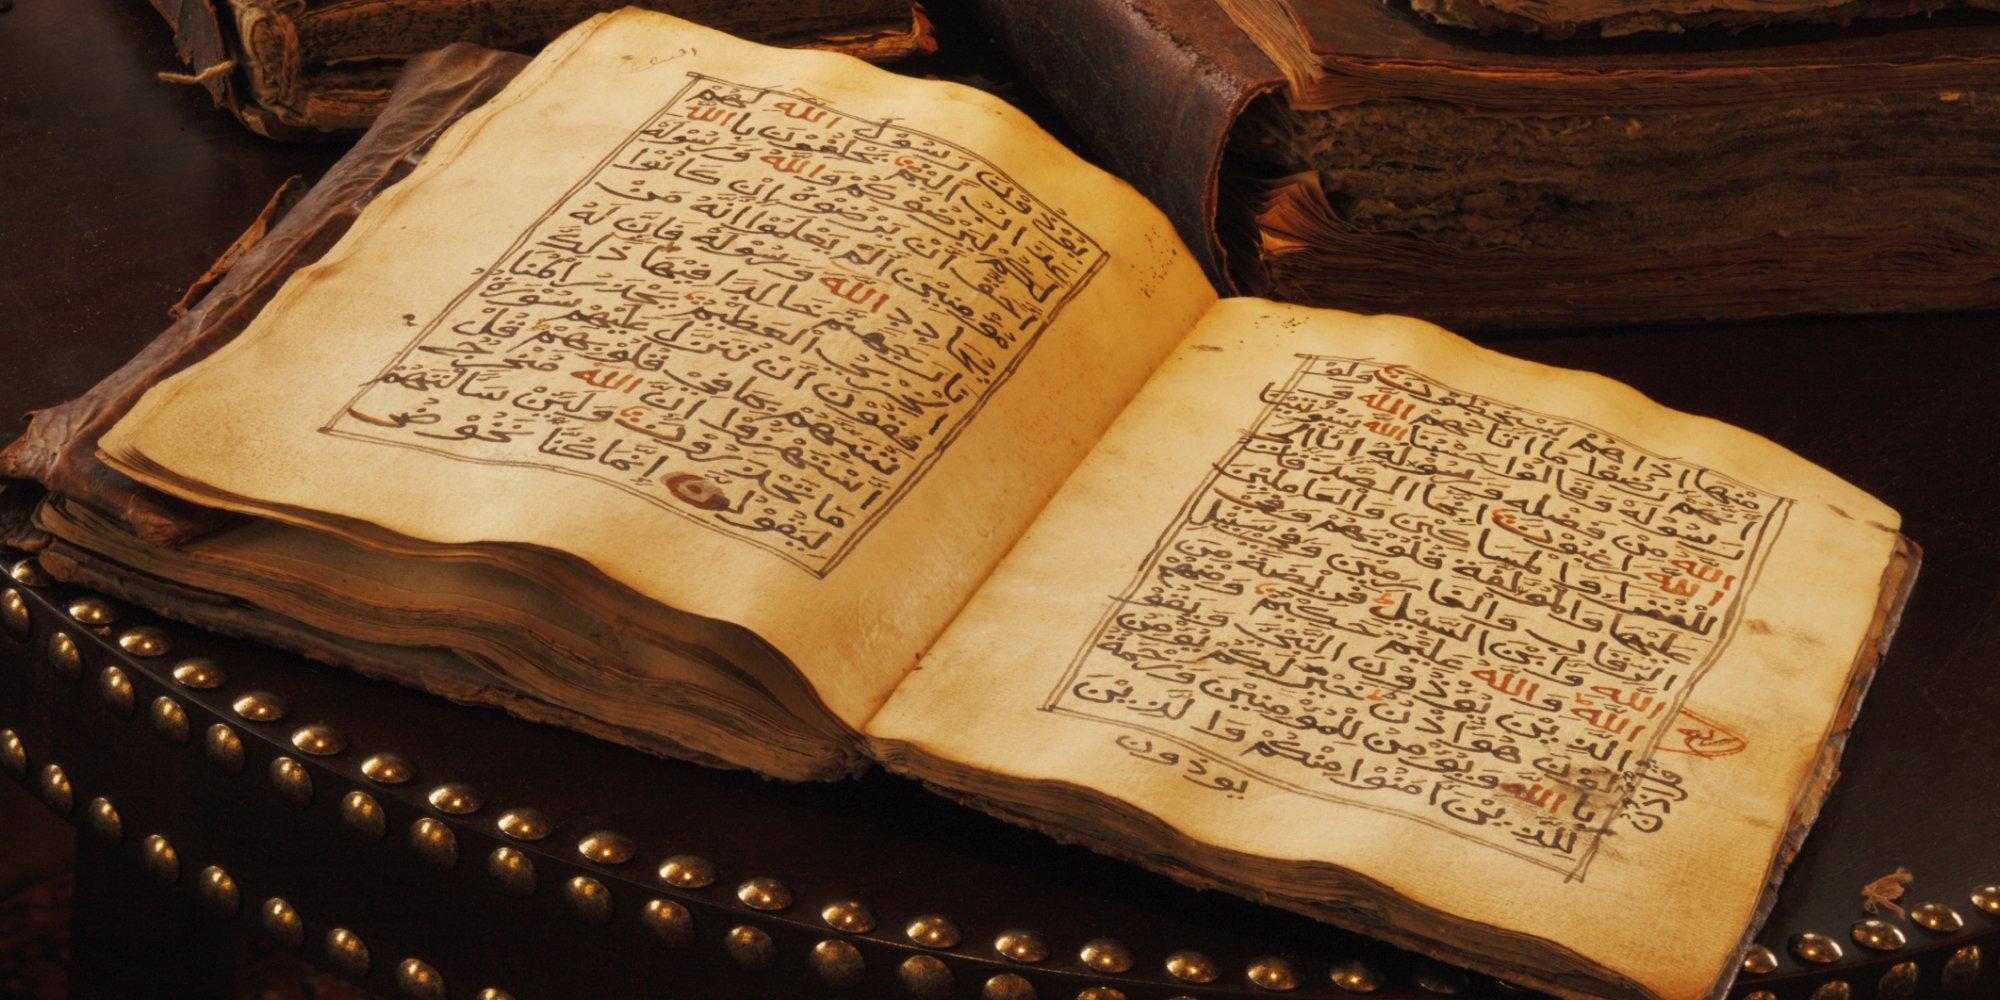 Hārūn ibn Mūsa al-A'war, ce juif devenu spécialiste du Coran